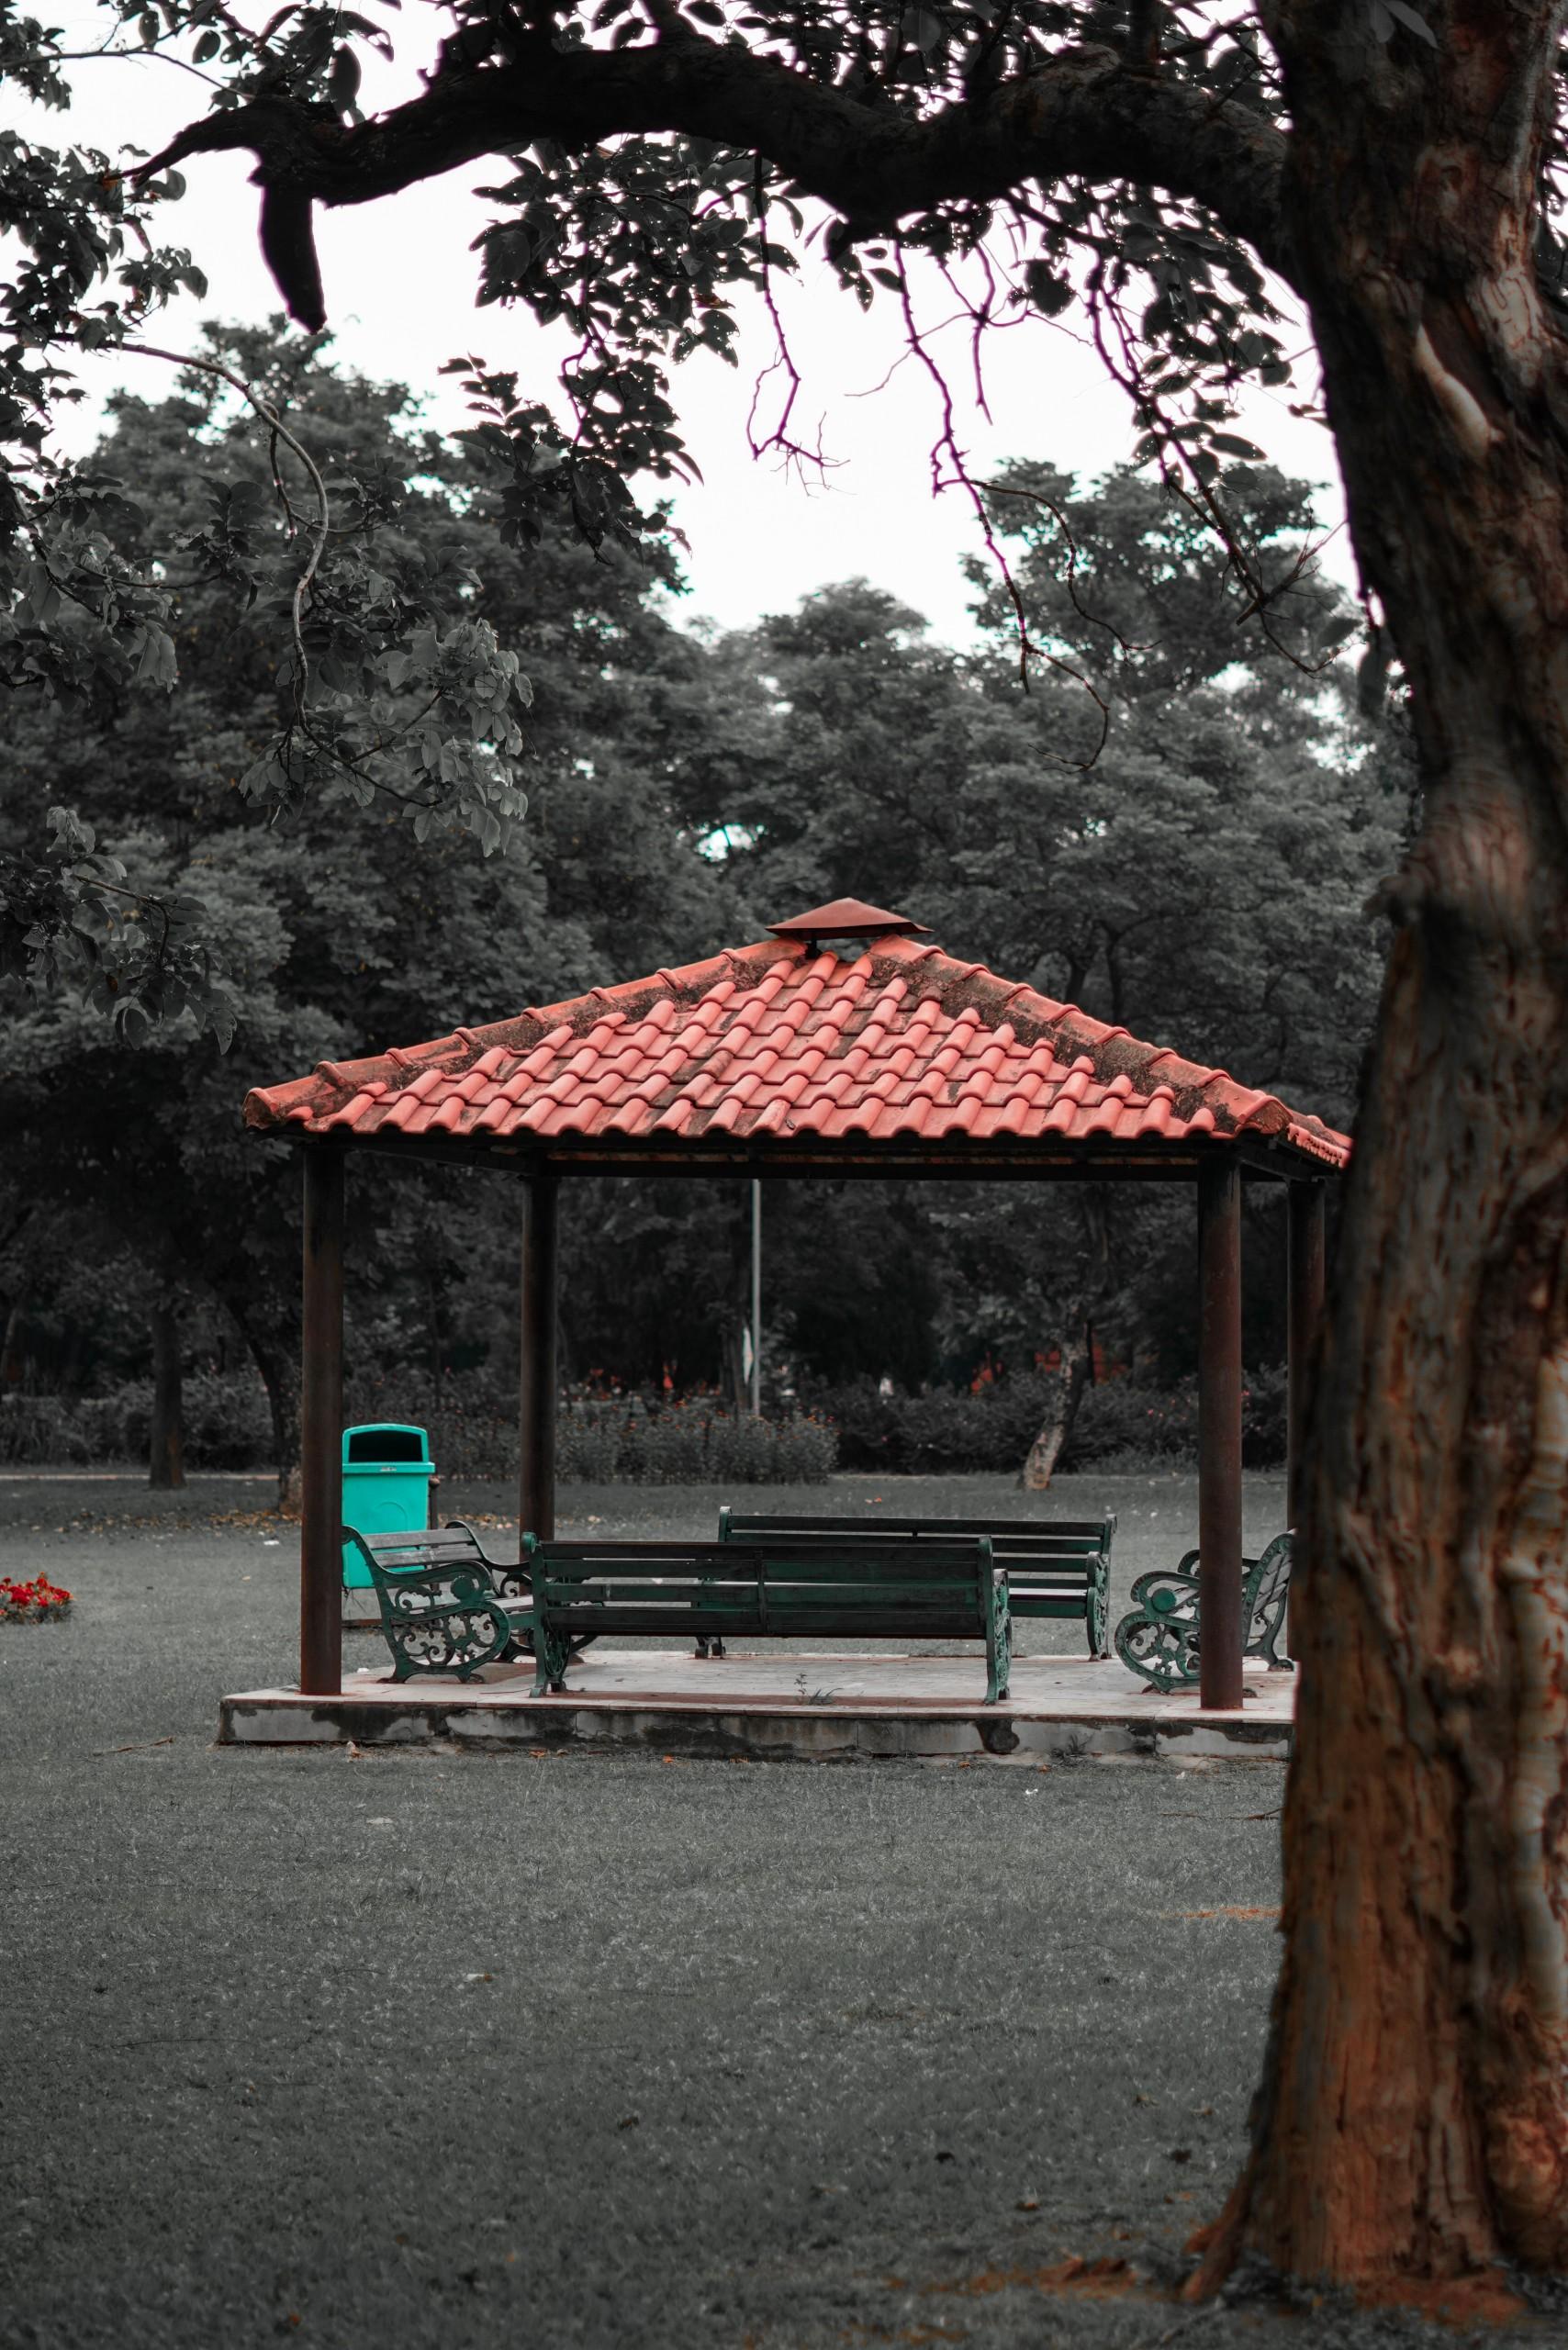 A Hut in Chandigarh Garden